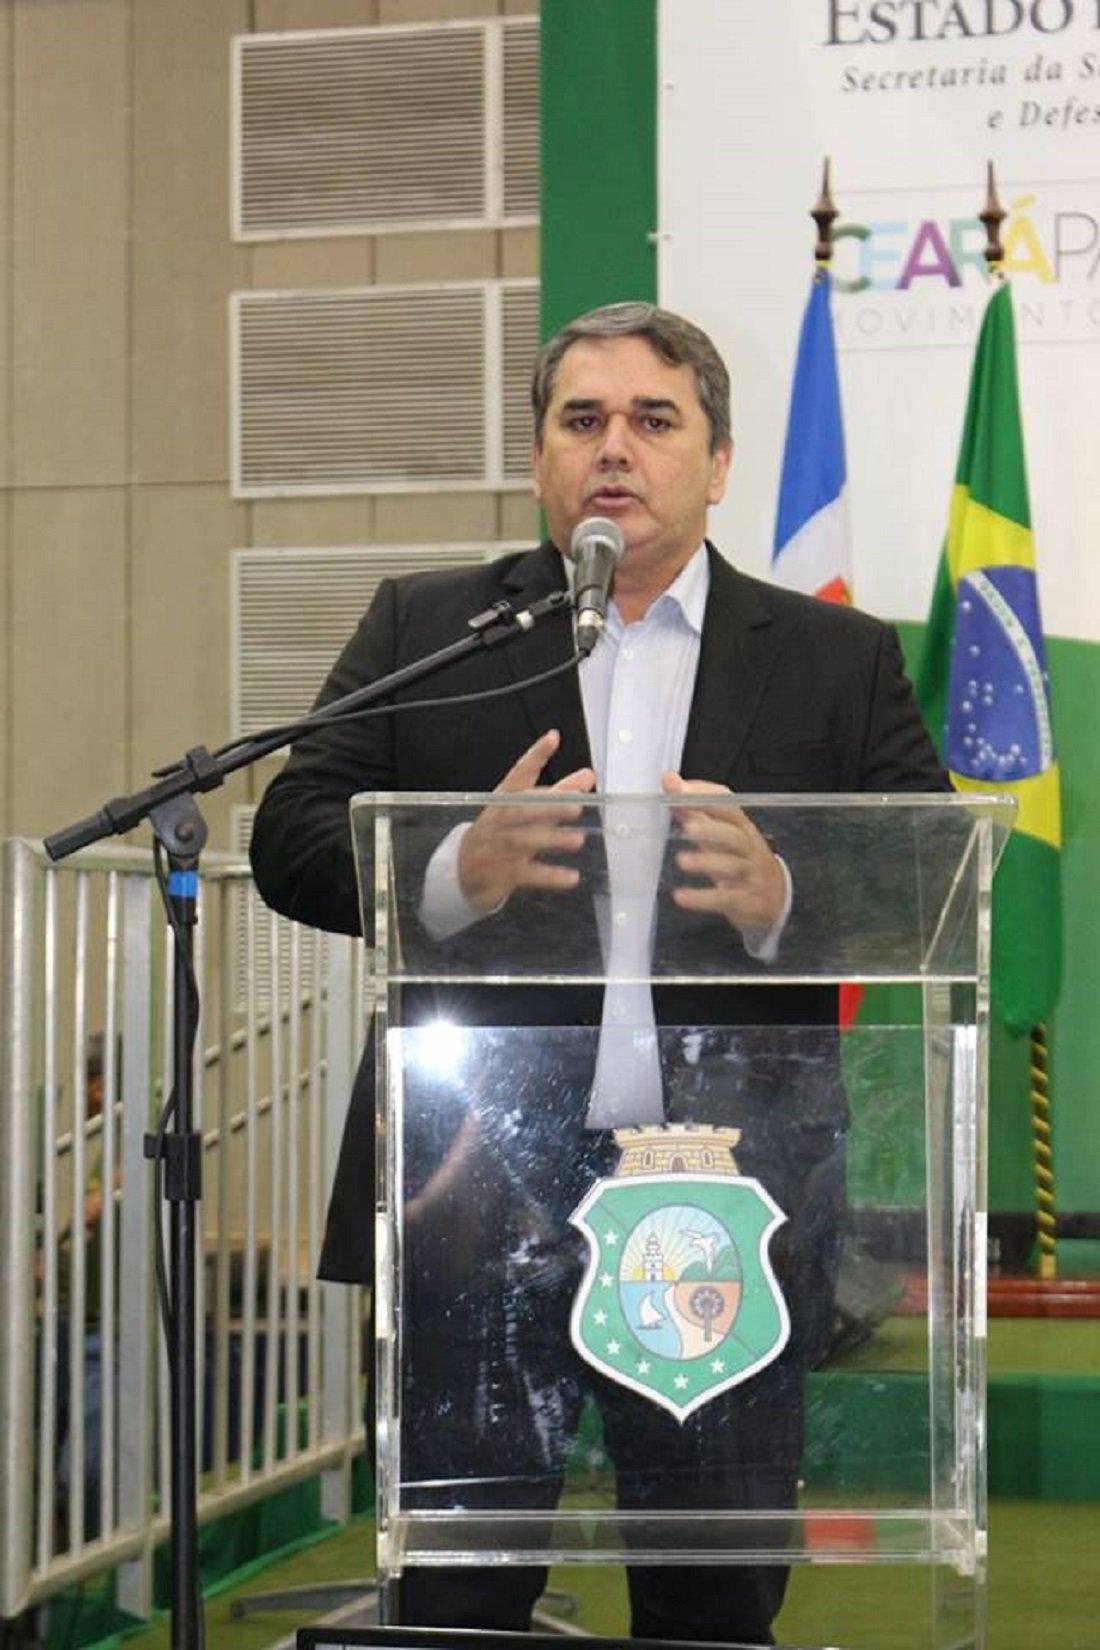 Cabo Sabino assume presidência do Avante liberando os filiados nas eleições estaduais